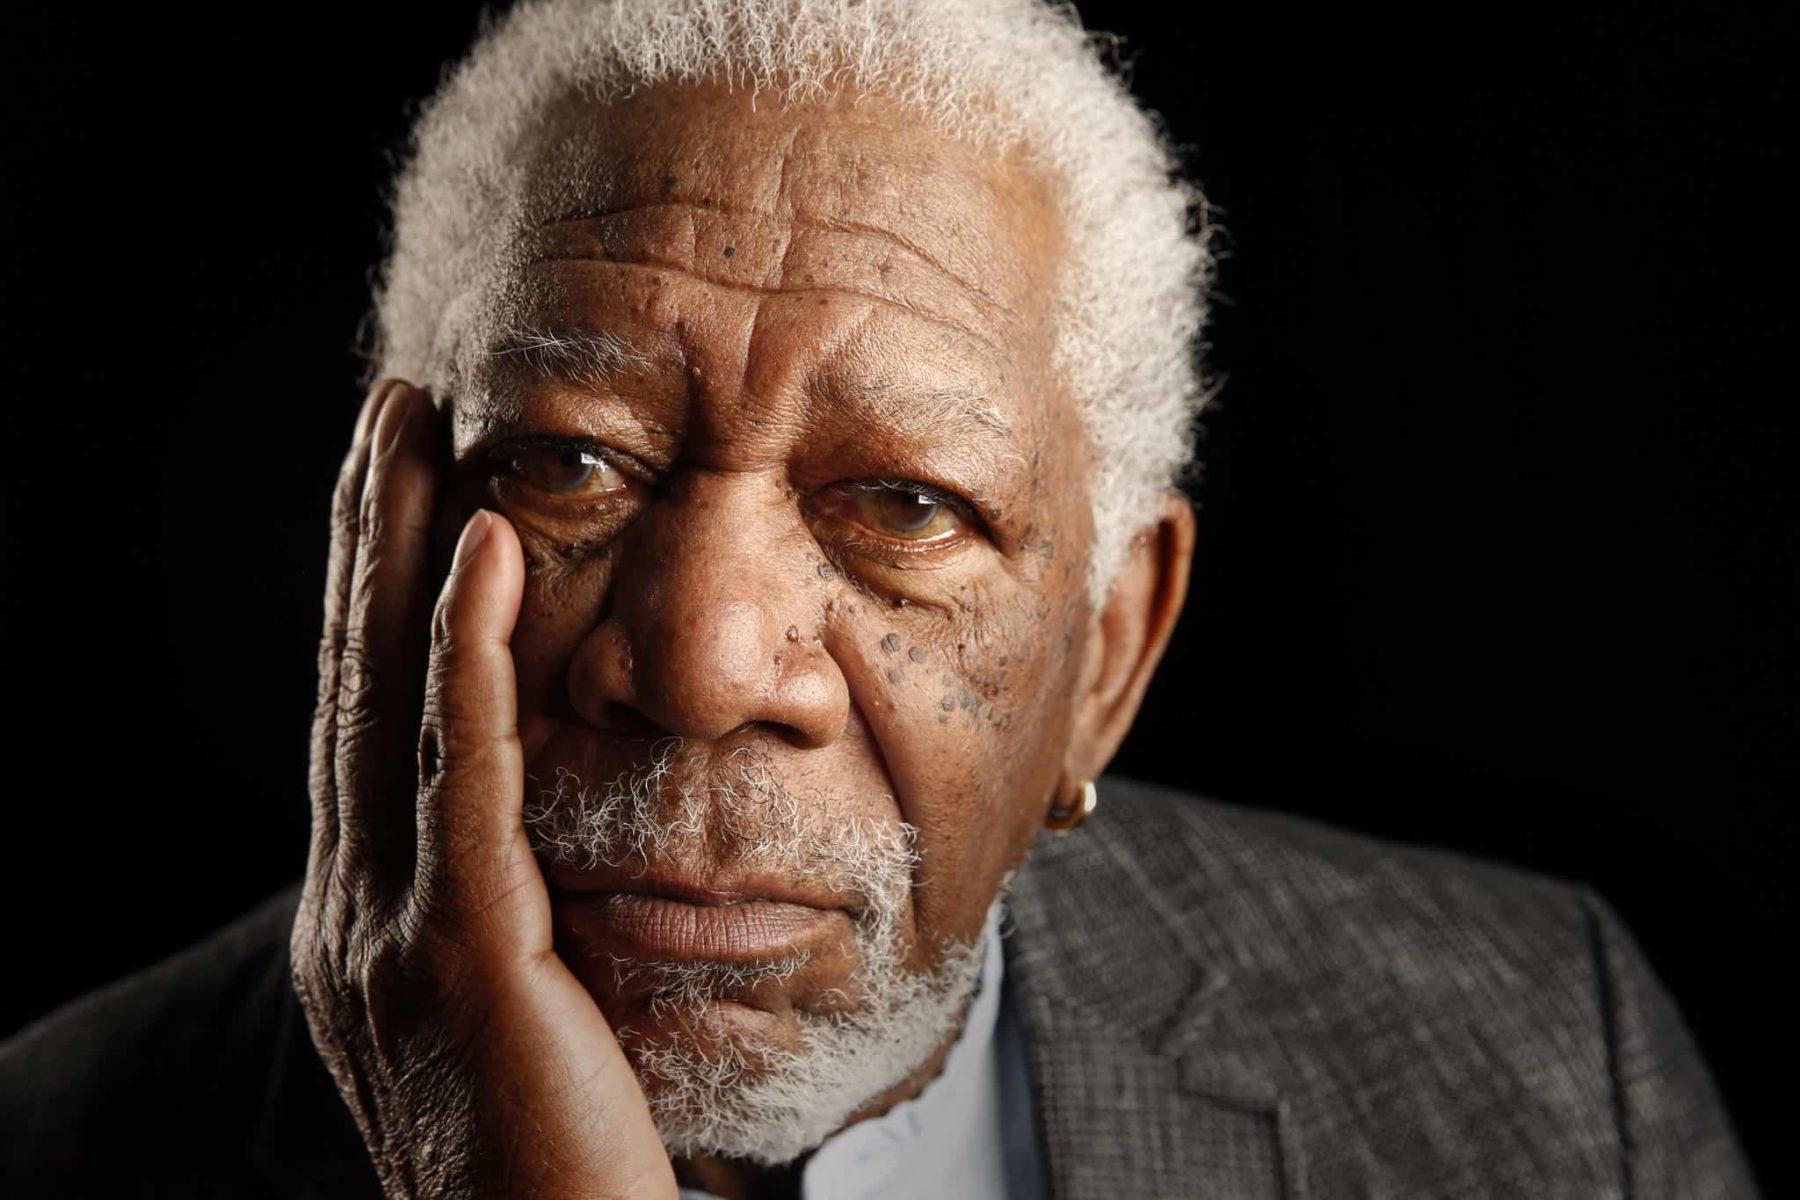 Morgan Freeman es acusado por ocho mujeres de acoso y conducta inapropiada, en investigación de CNN.